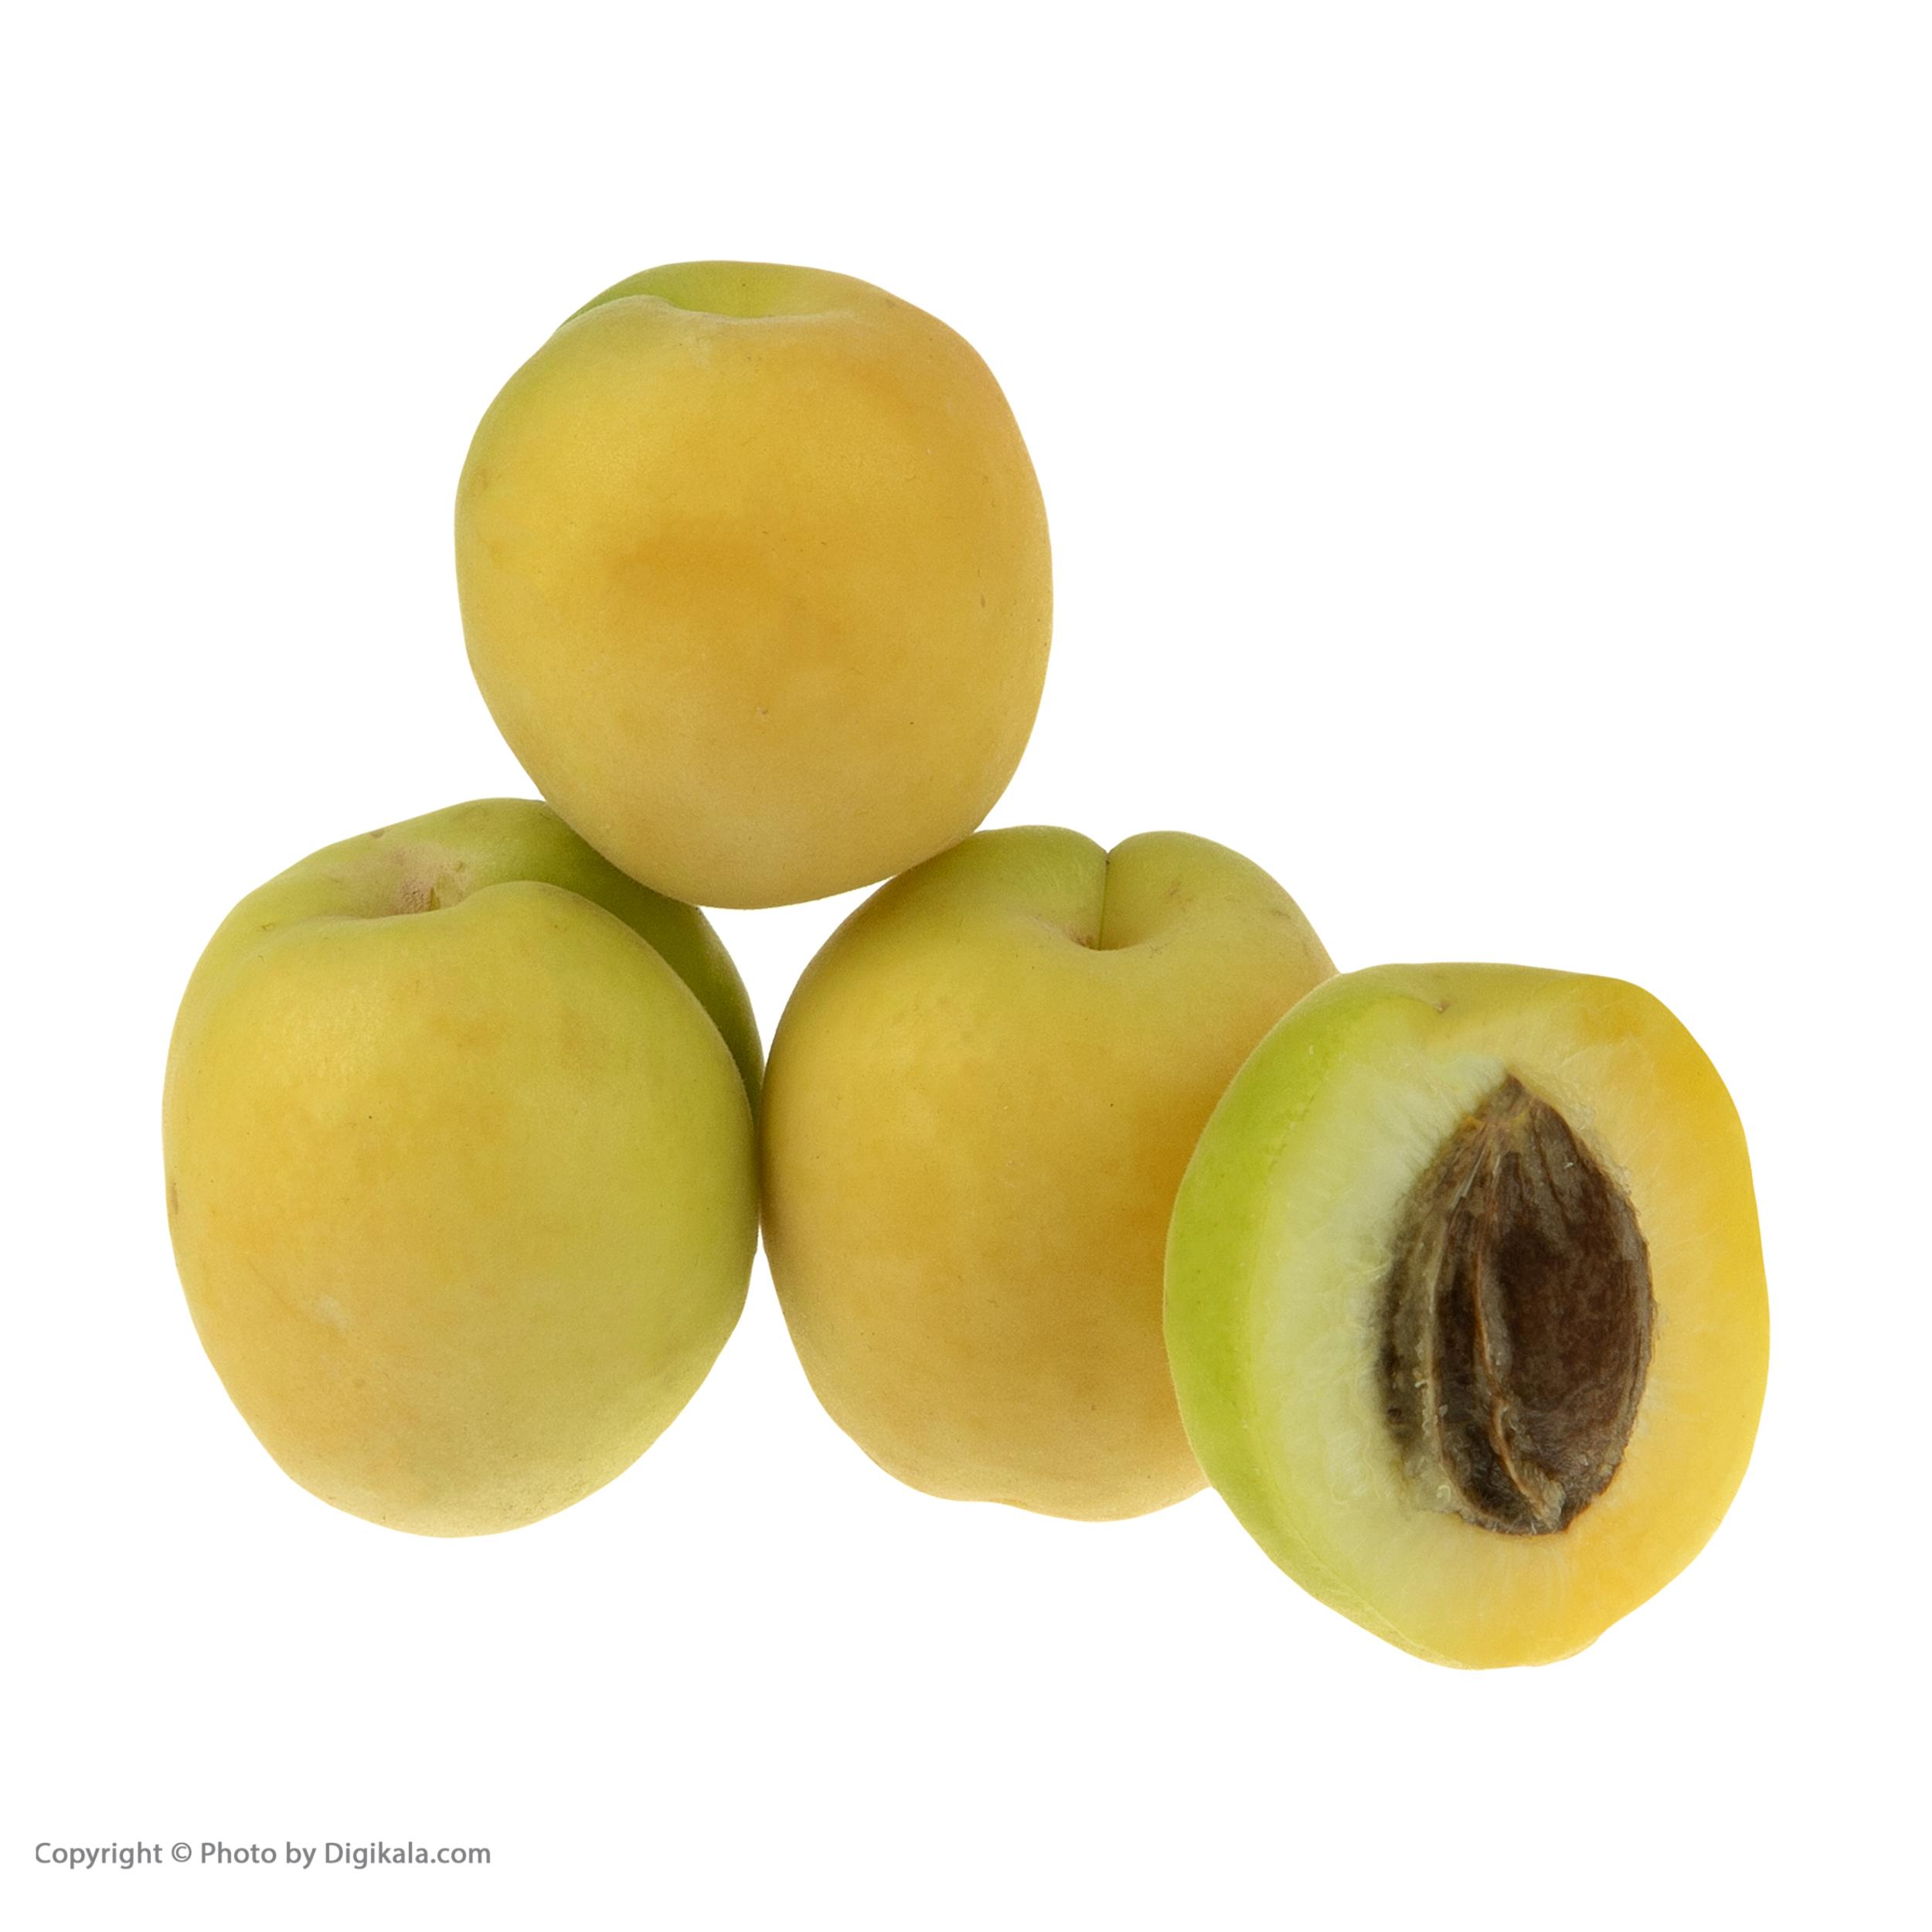 زردآلو بلوط - 1 کیلوگرم